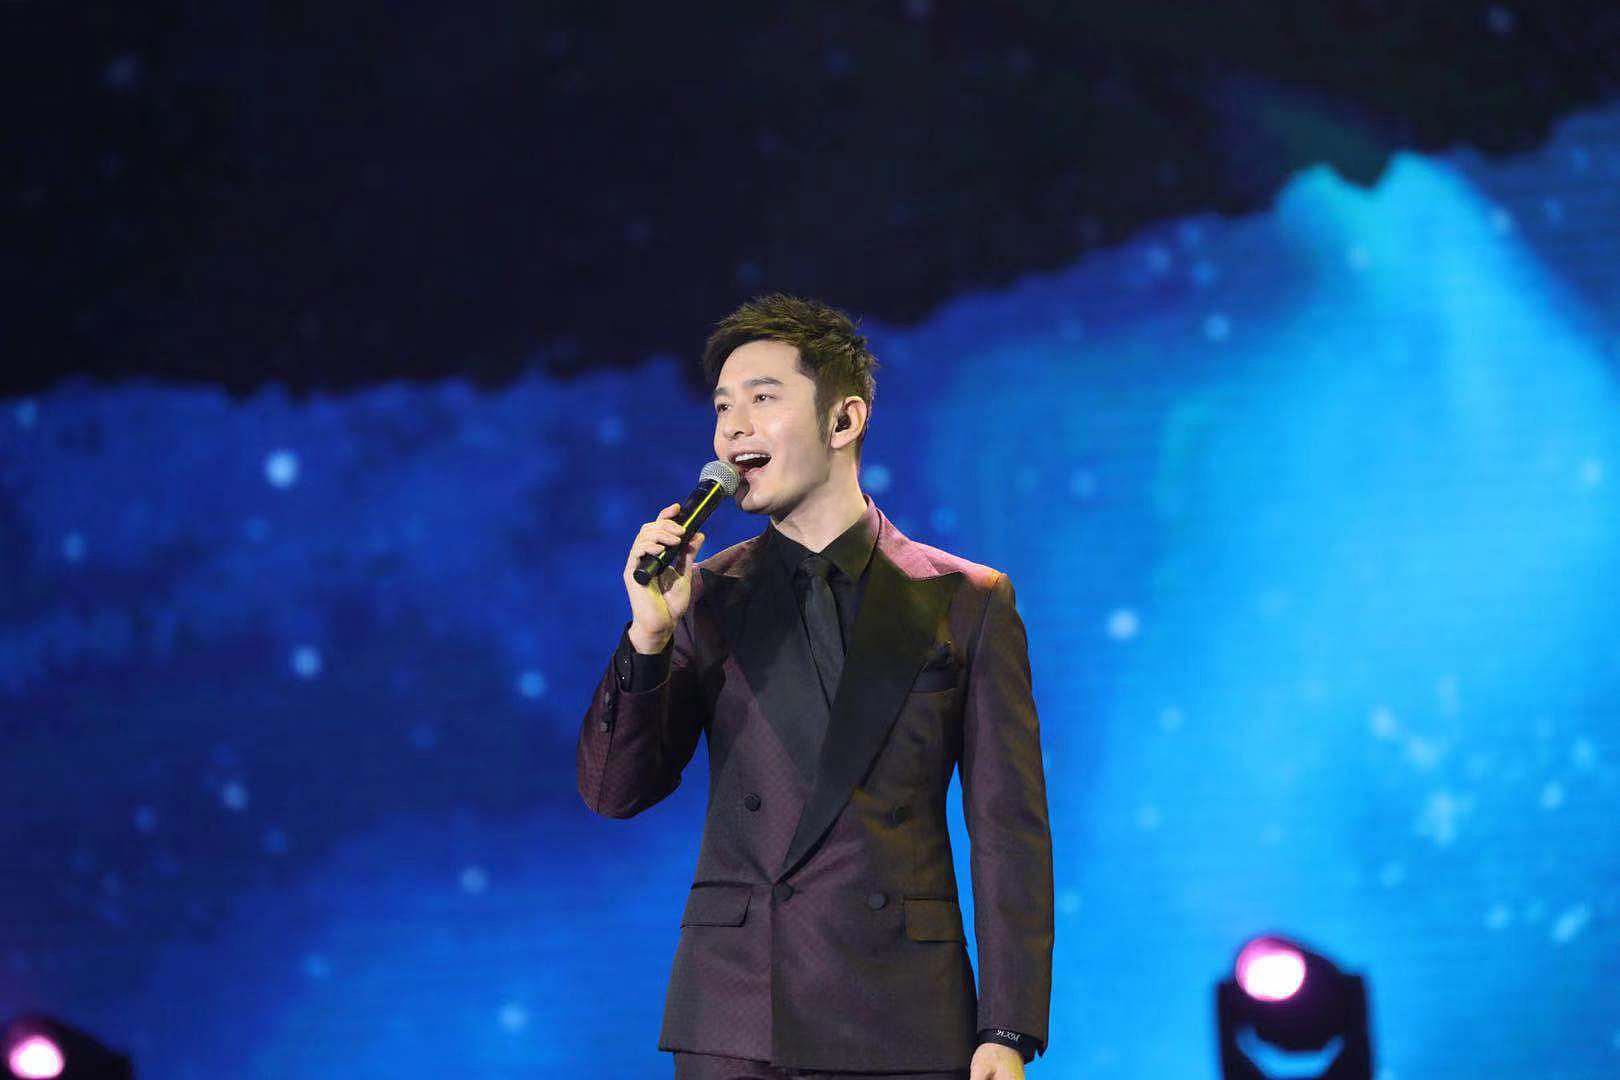 央视春晚上的山东元素|青岛小哥黄晓明与刘涛演唱歌曲《请茶歌》